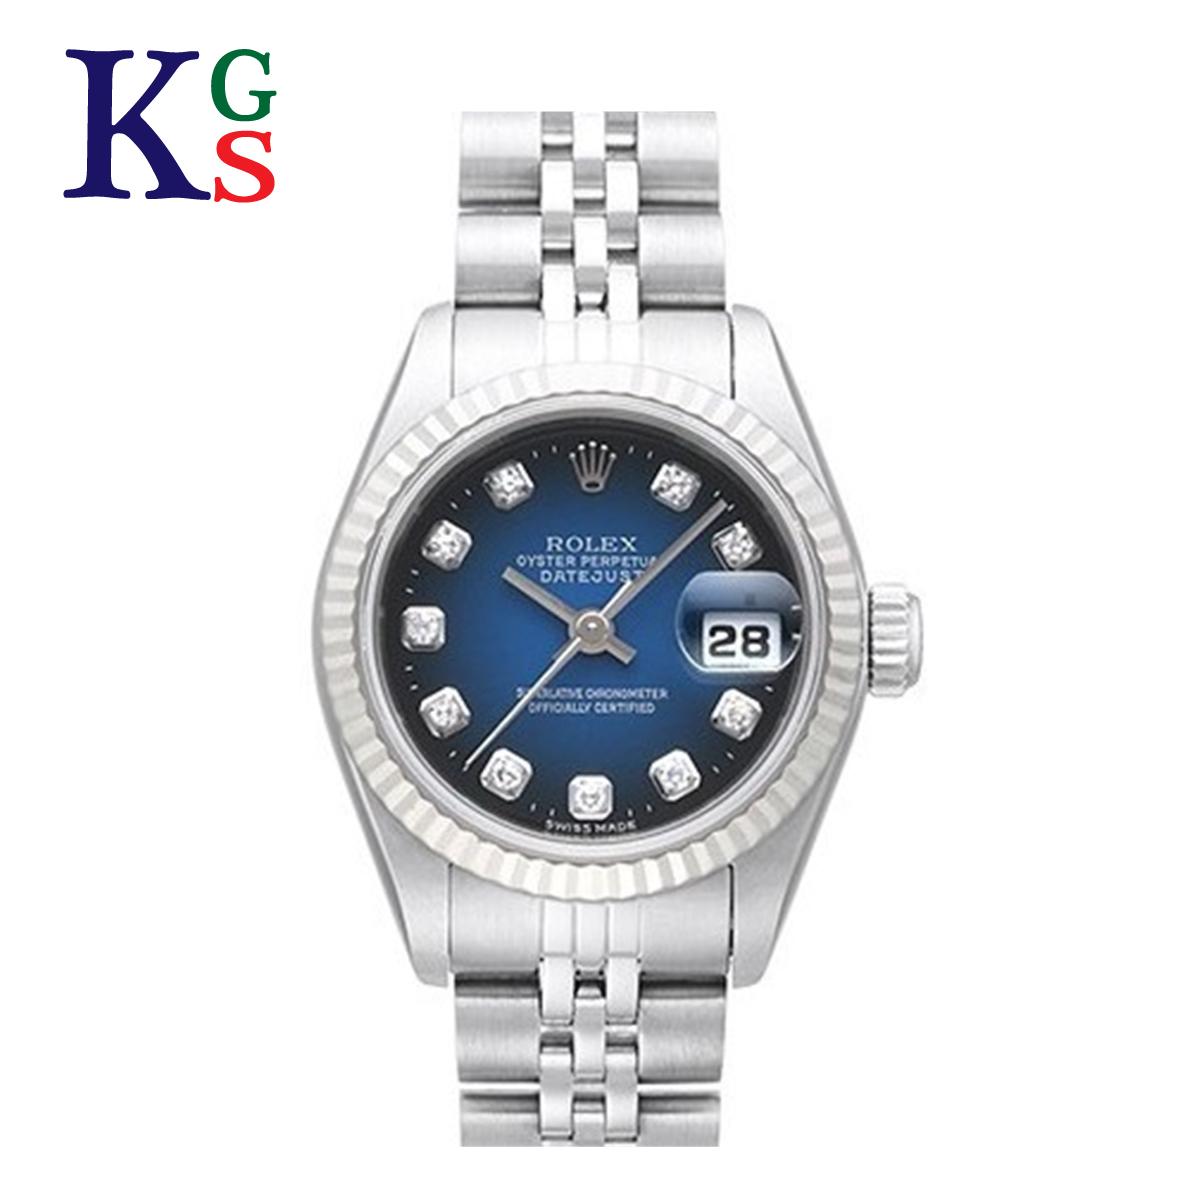 【ギフトランク】ロレックス/ROLEX レディース 腕時計 デイトジャスト ブルーグラデーション文字盤 シルバーxホワイトゴールド コンビ 新10Pダイヤモンド ステンレススチールxK18WG 69174G